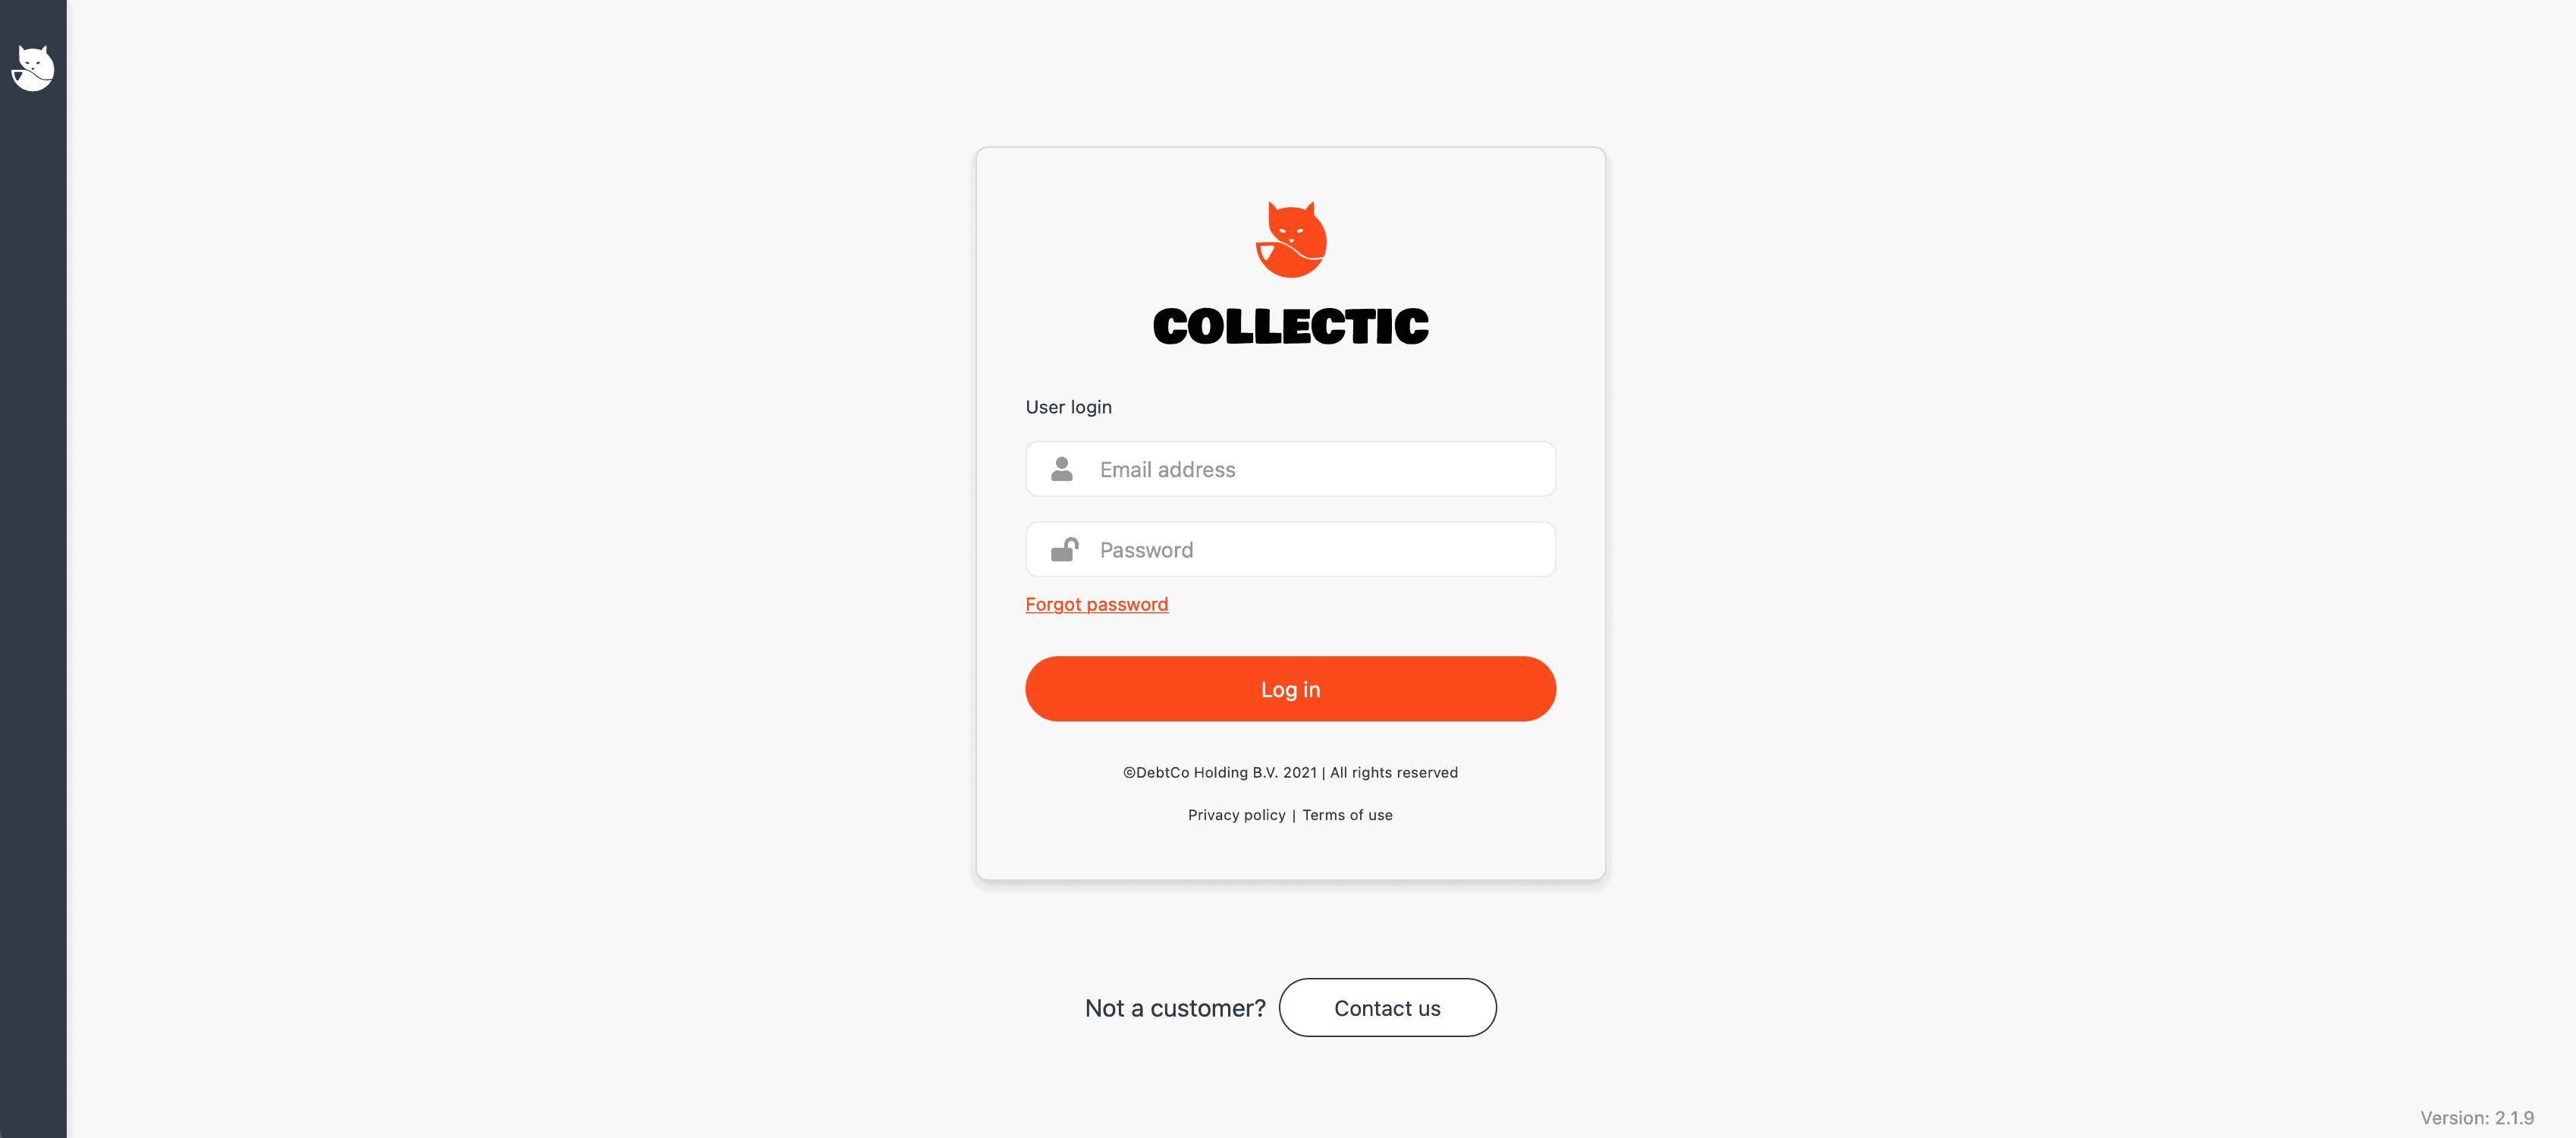 CollectIC Client Portal